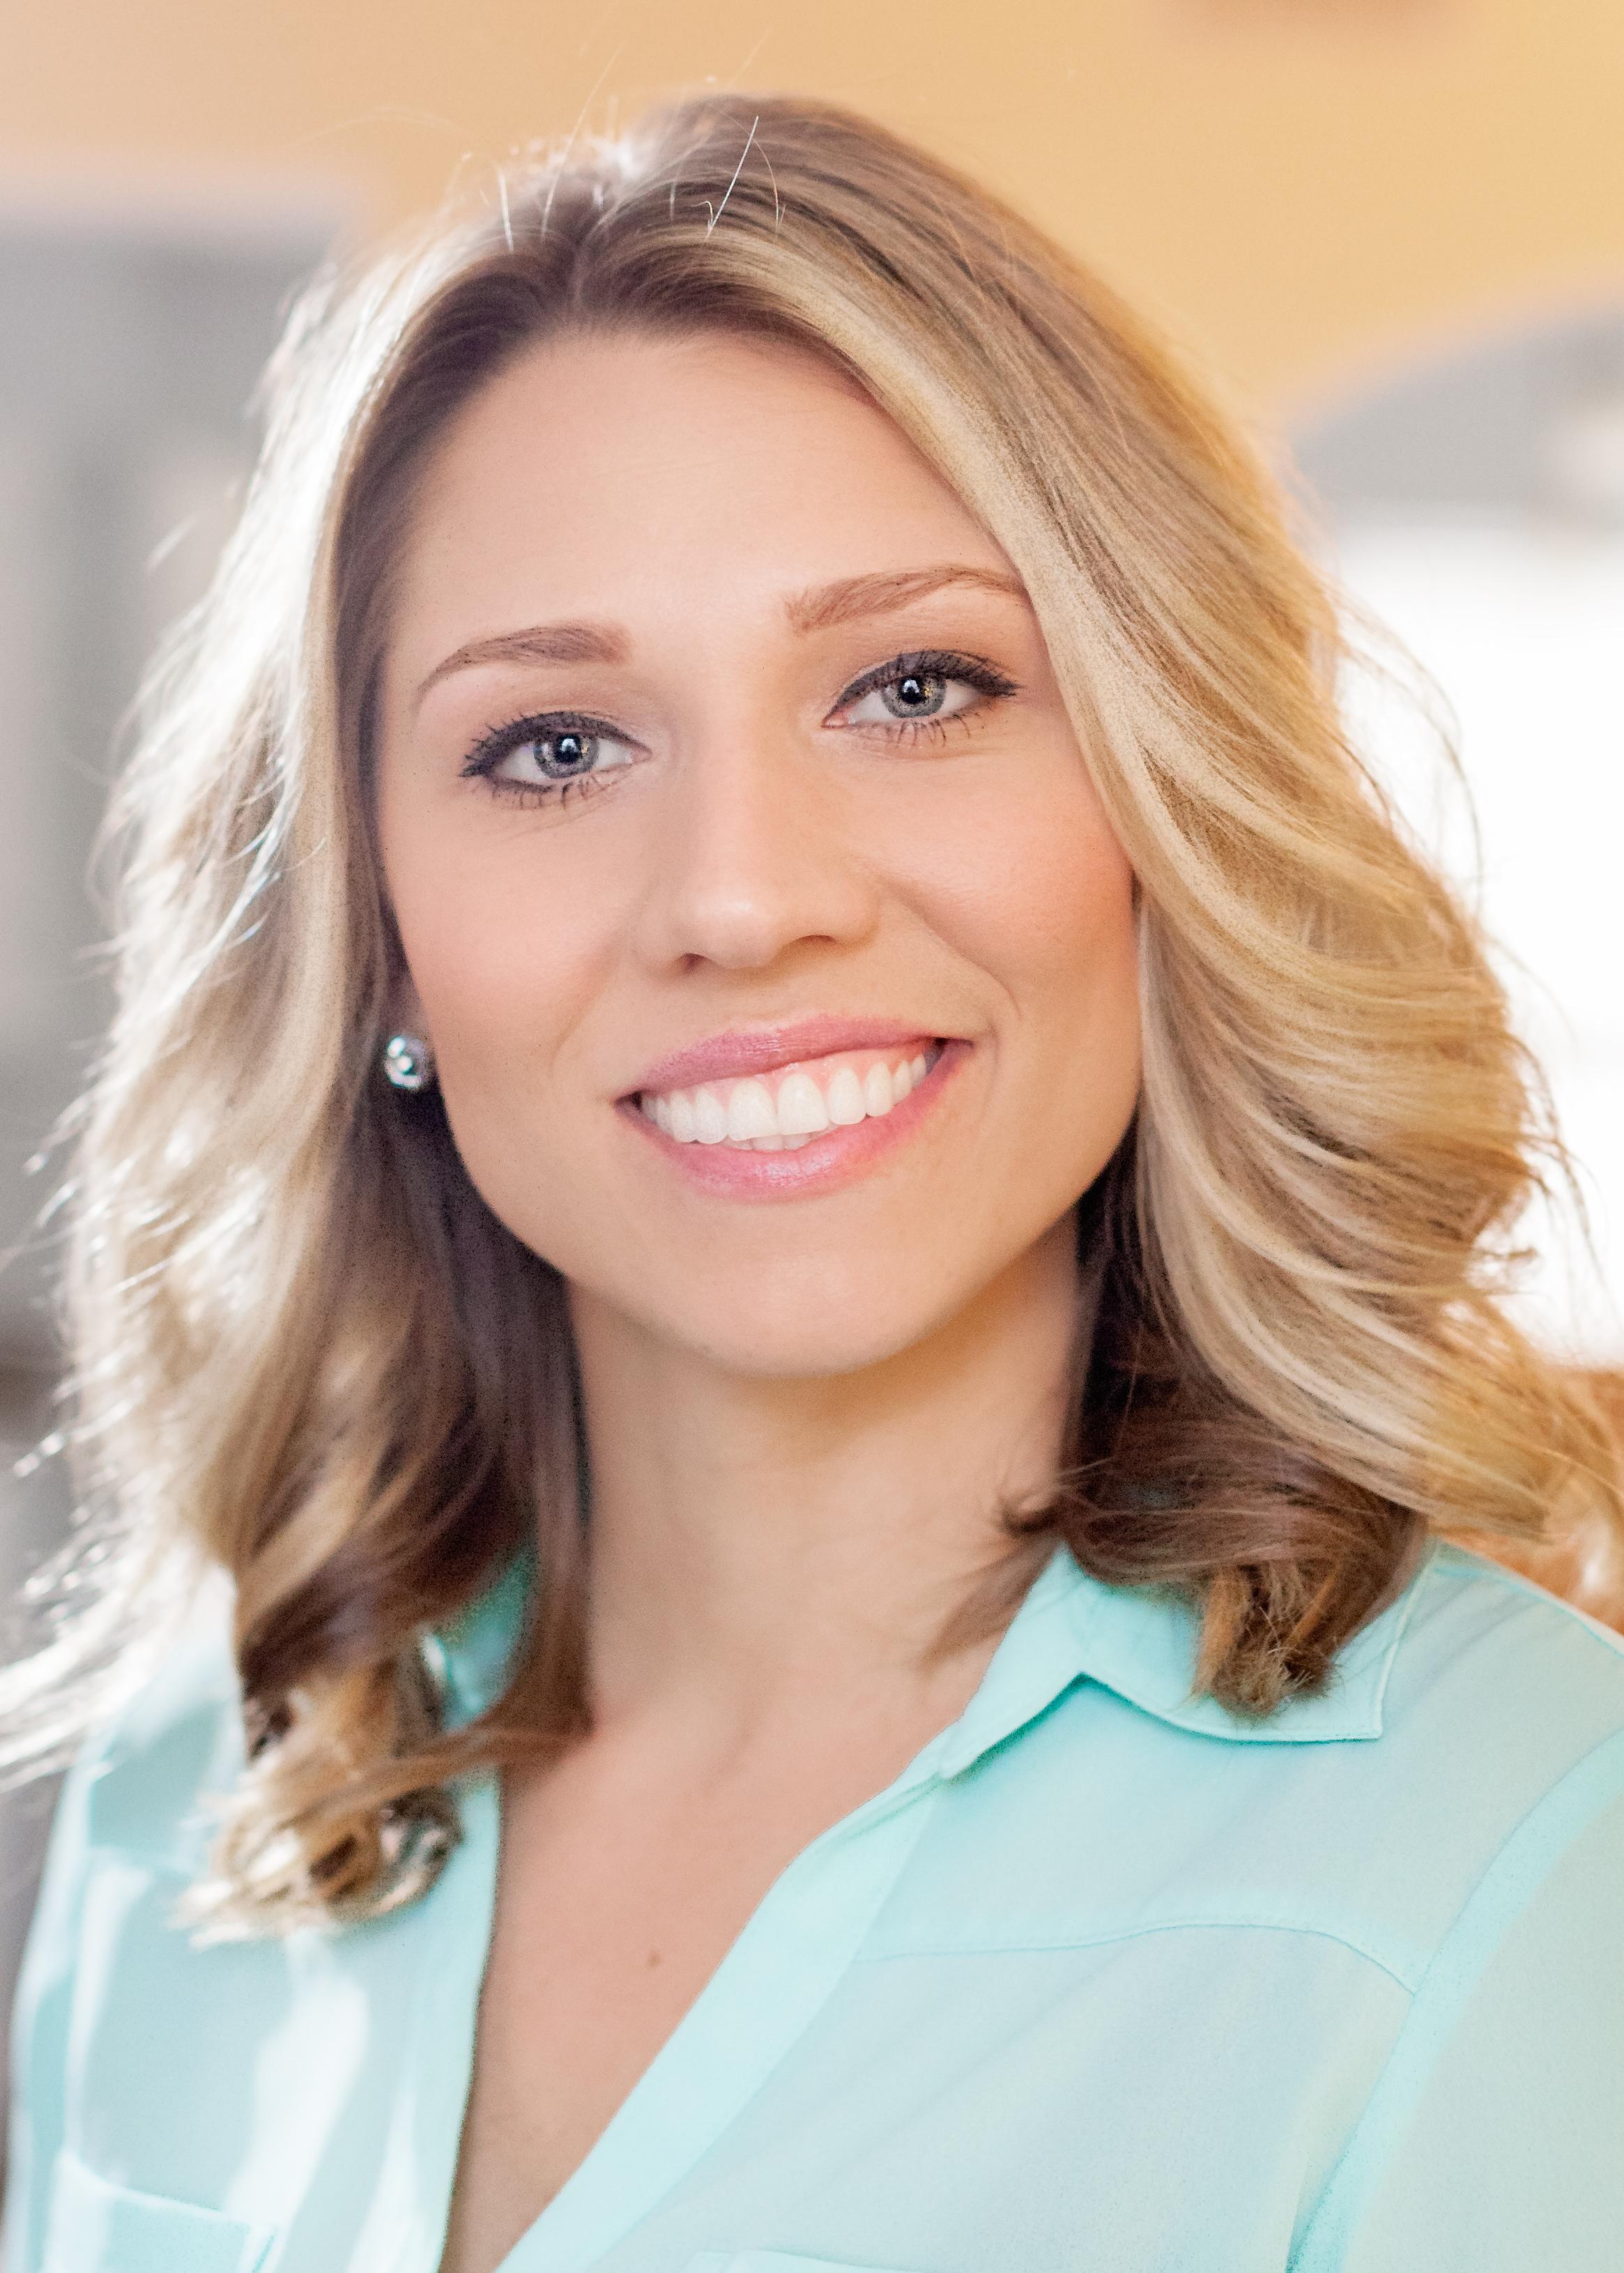 Alli Gladden, NC/SC broker/realtor at Keller Williams Ballantyne in South Charlotte